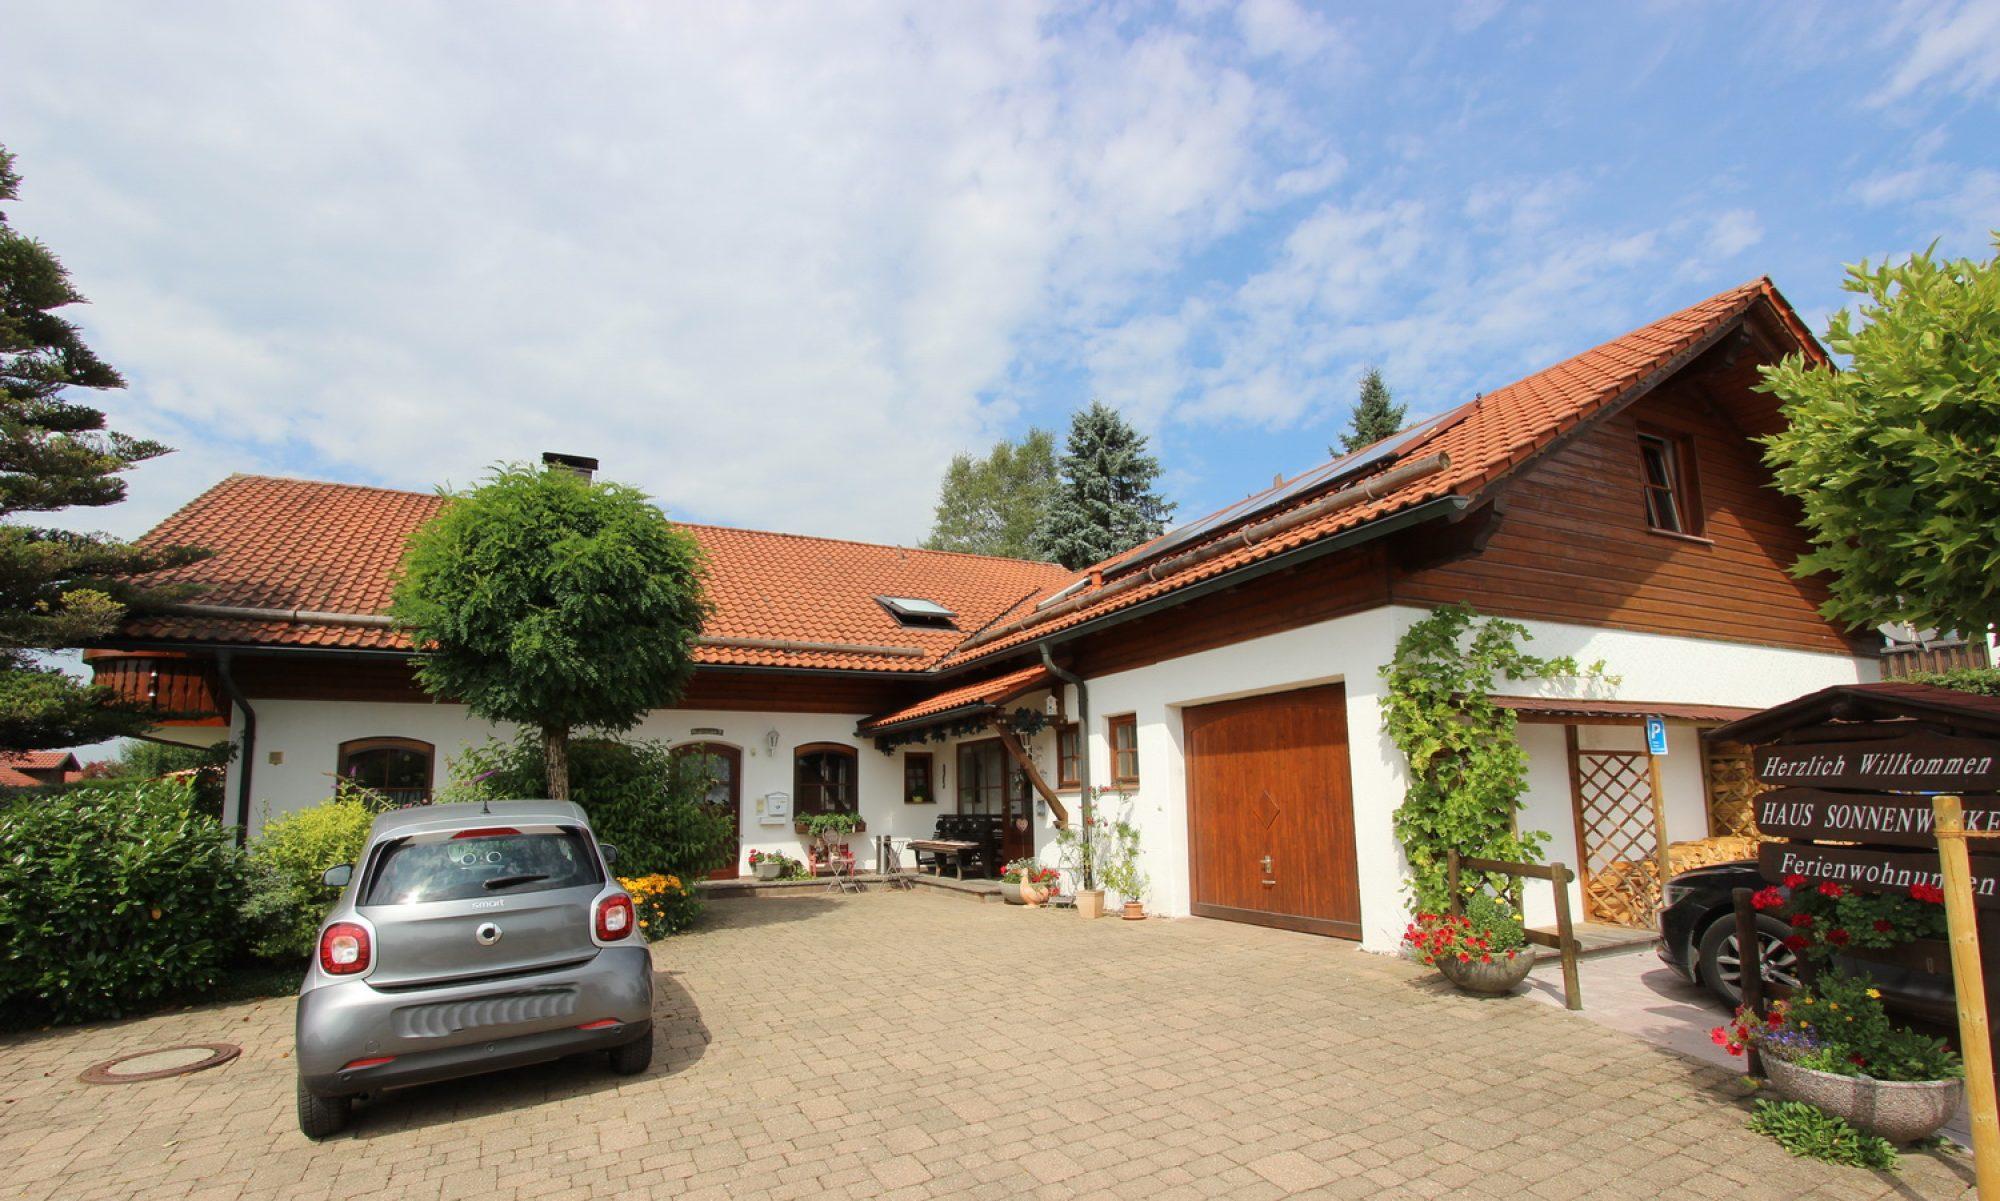 Haus Sonnenwinkel